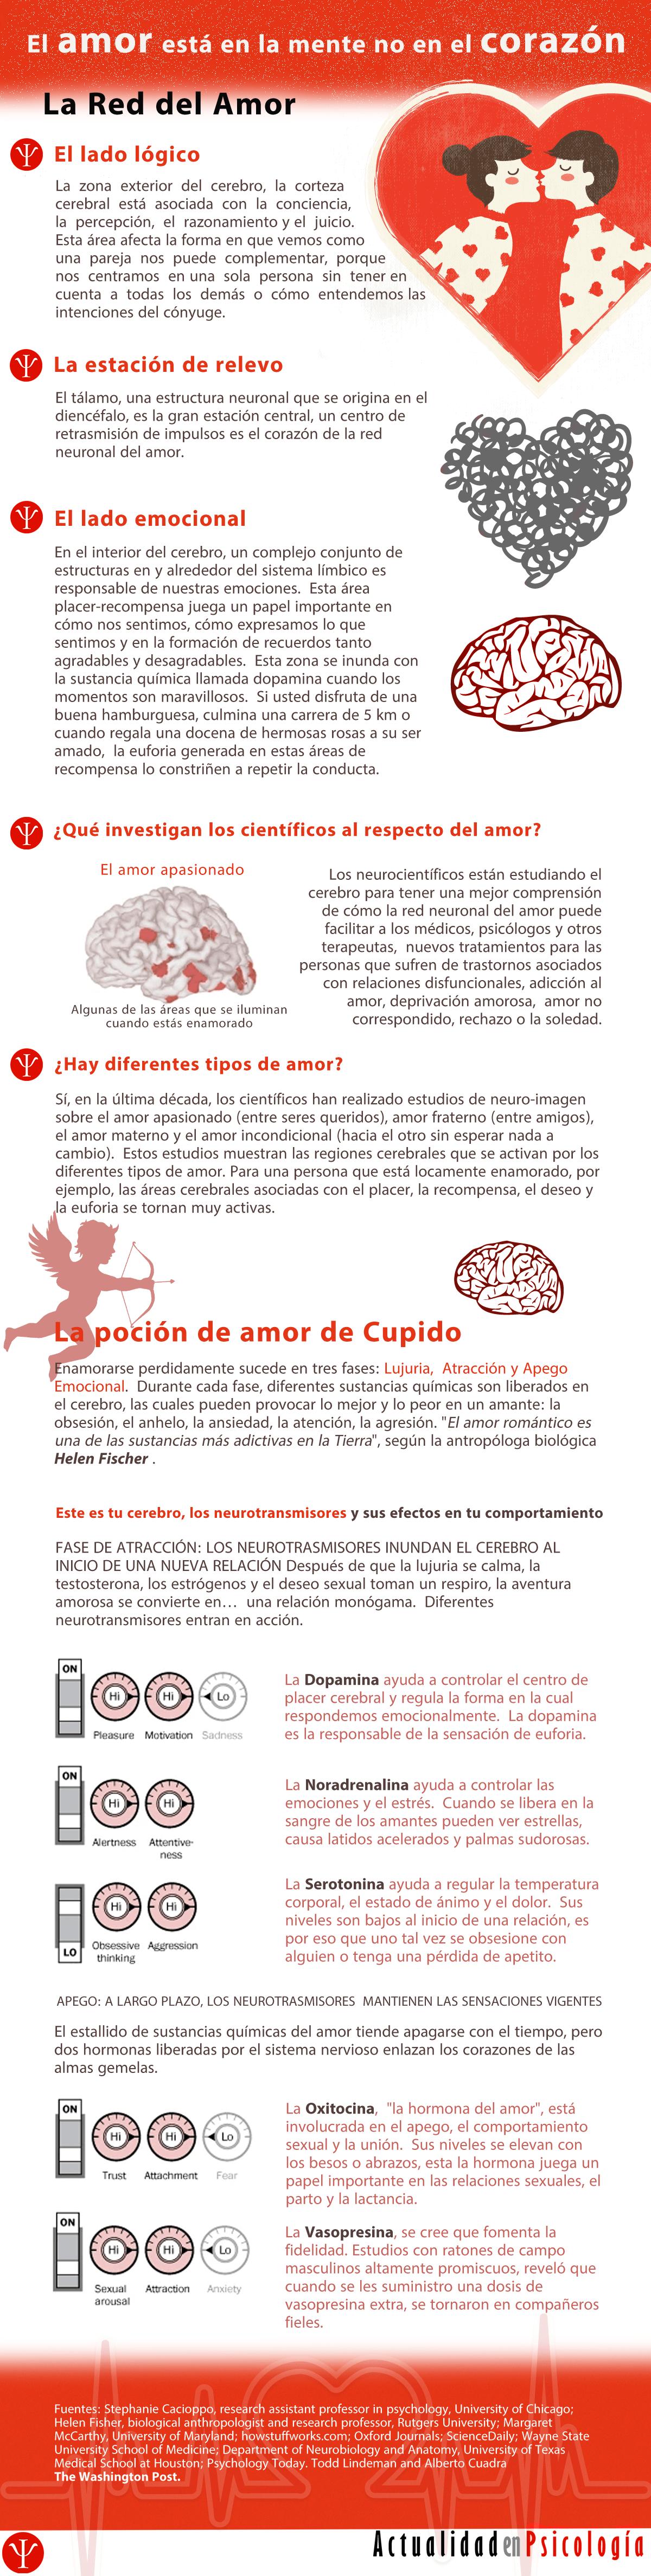 el_amor_esta_en_la_mente_no_el_corazon